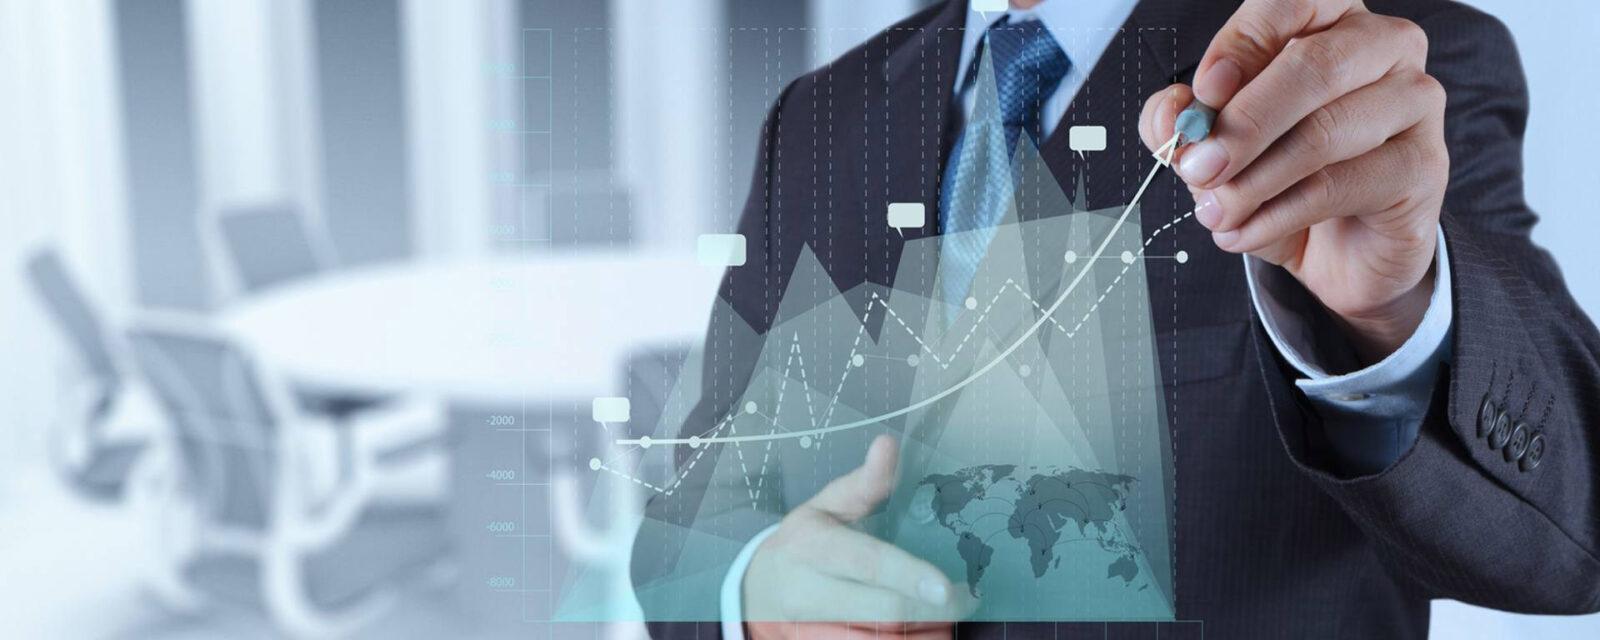 Схемы развития бизнеса